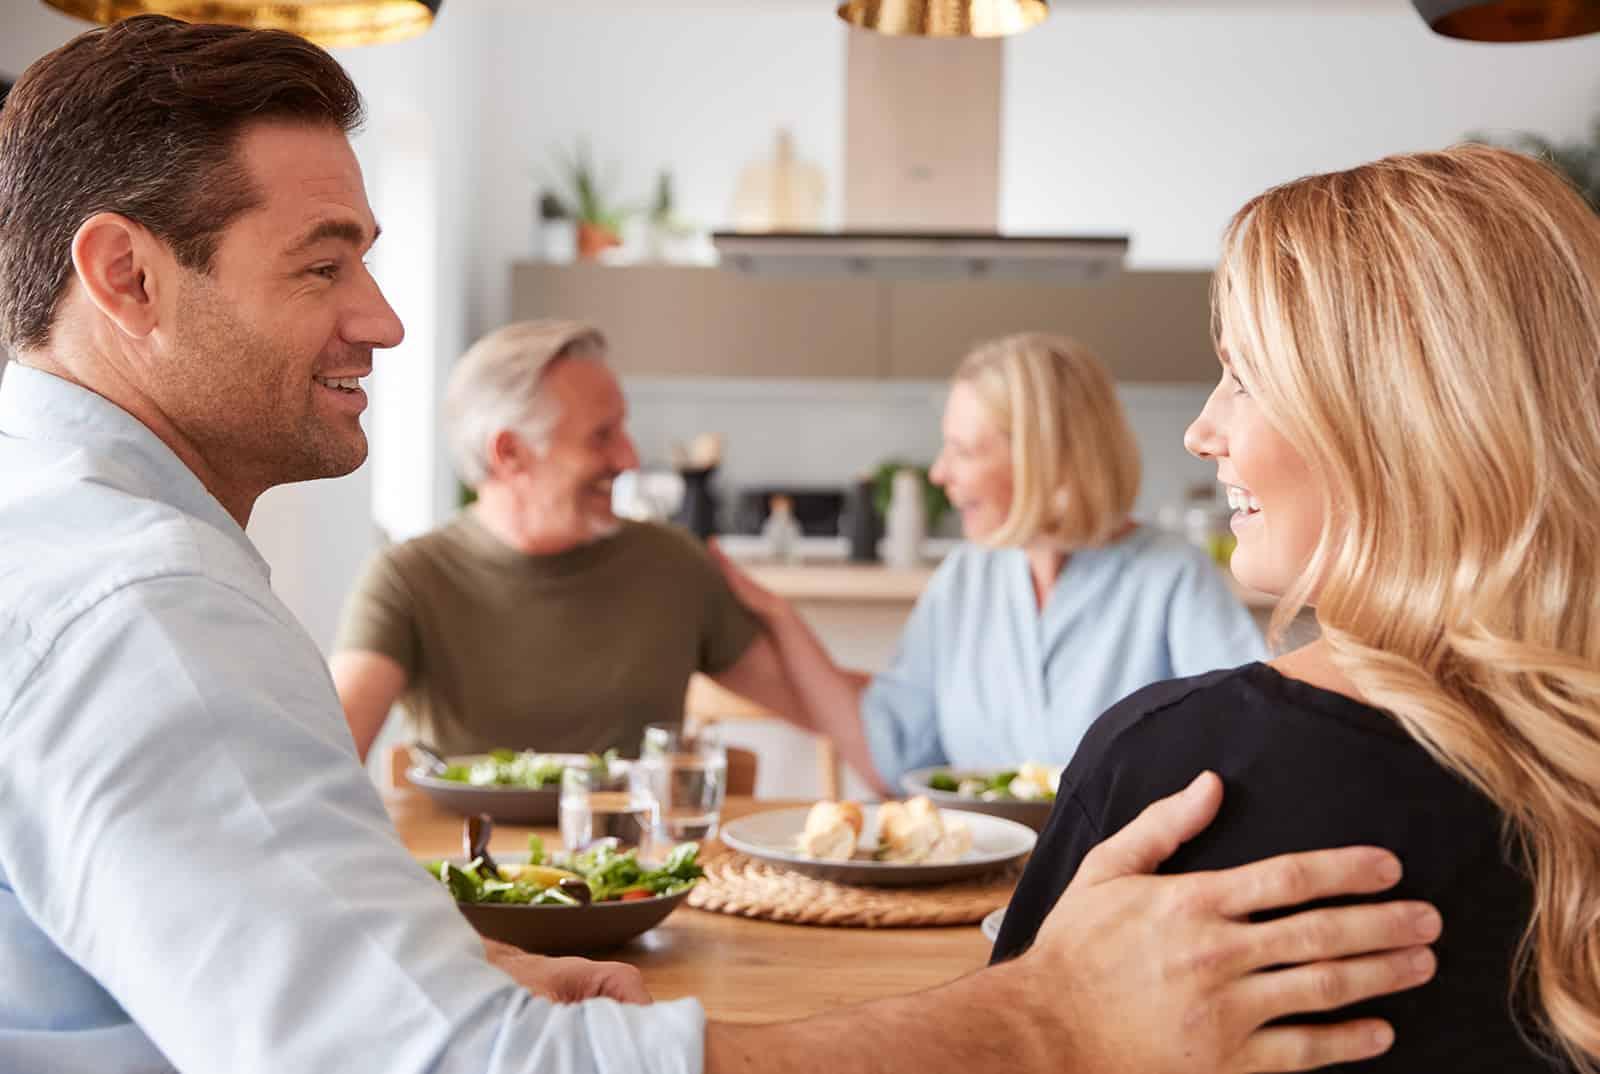 un homme présentant sa petite amie à ses parents au déjeuner de famille